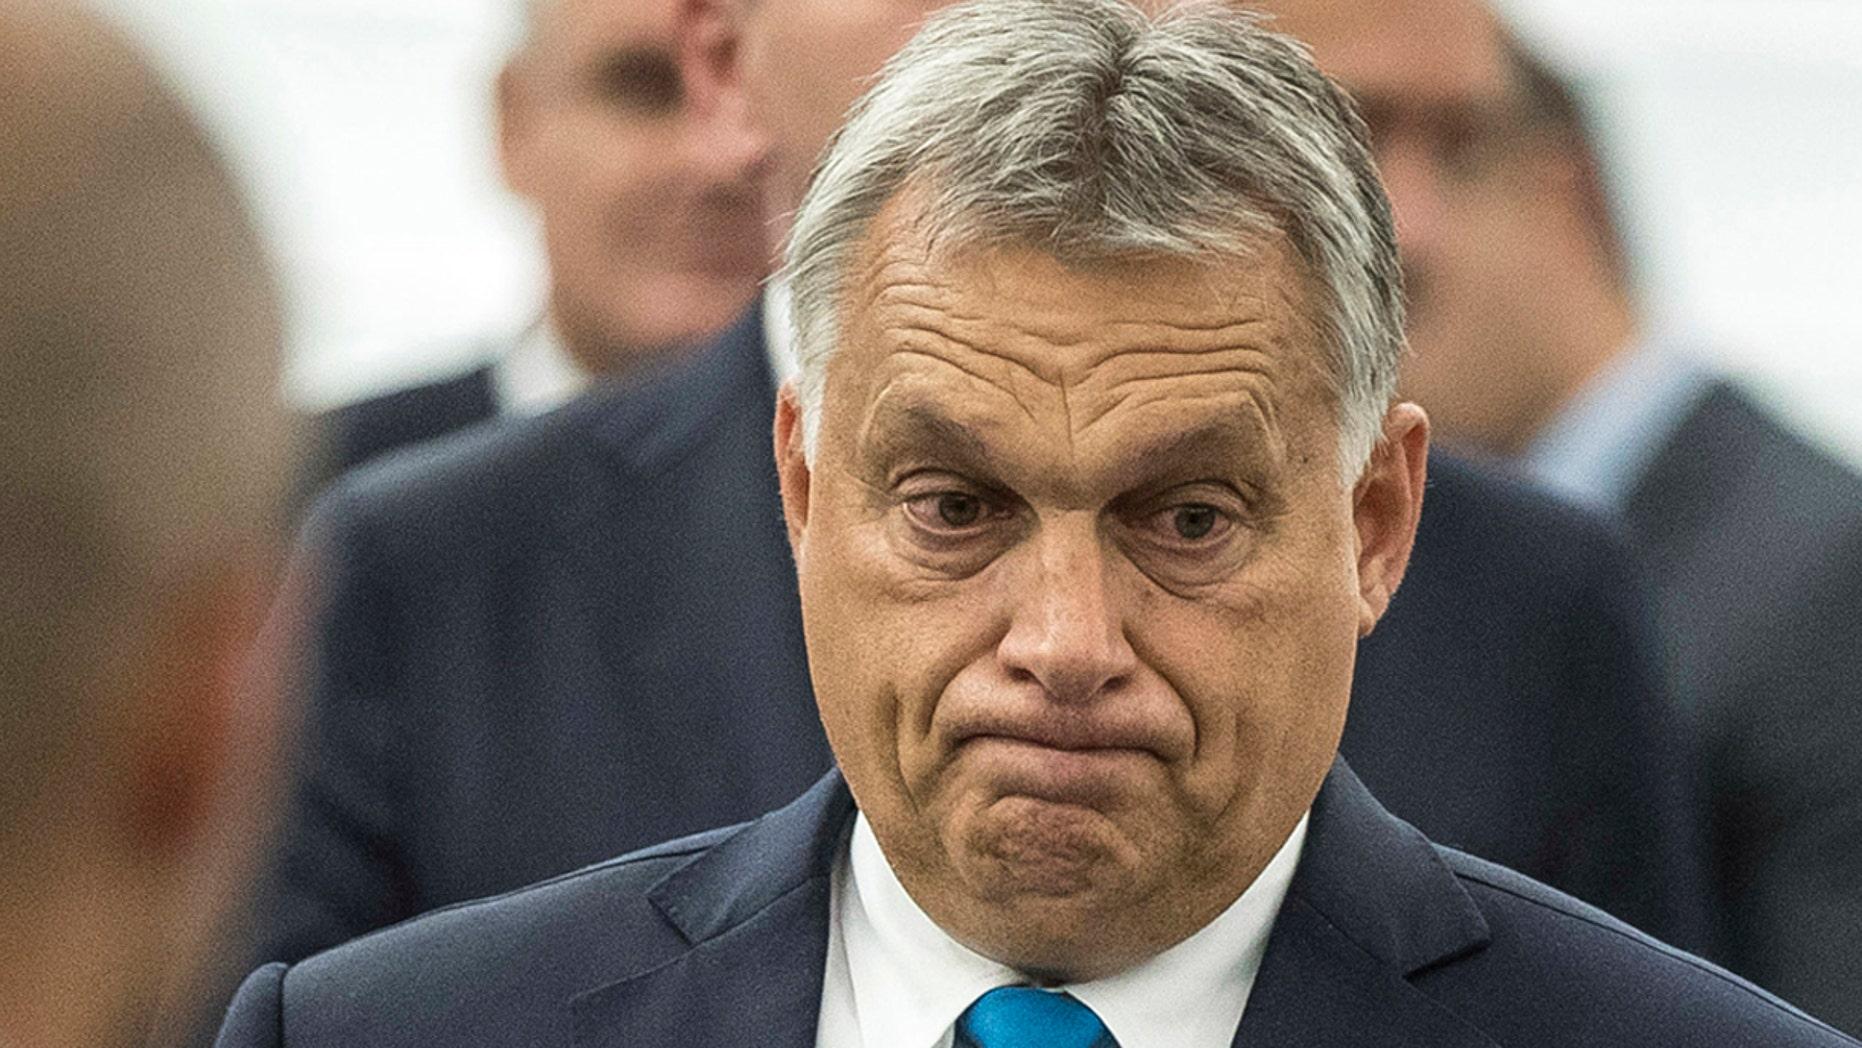 Hungary's Prime Minister Viktor Orban at the European Parliament in Strasbourg, eastern France, Sept.11, 2018.